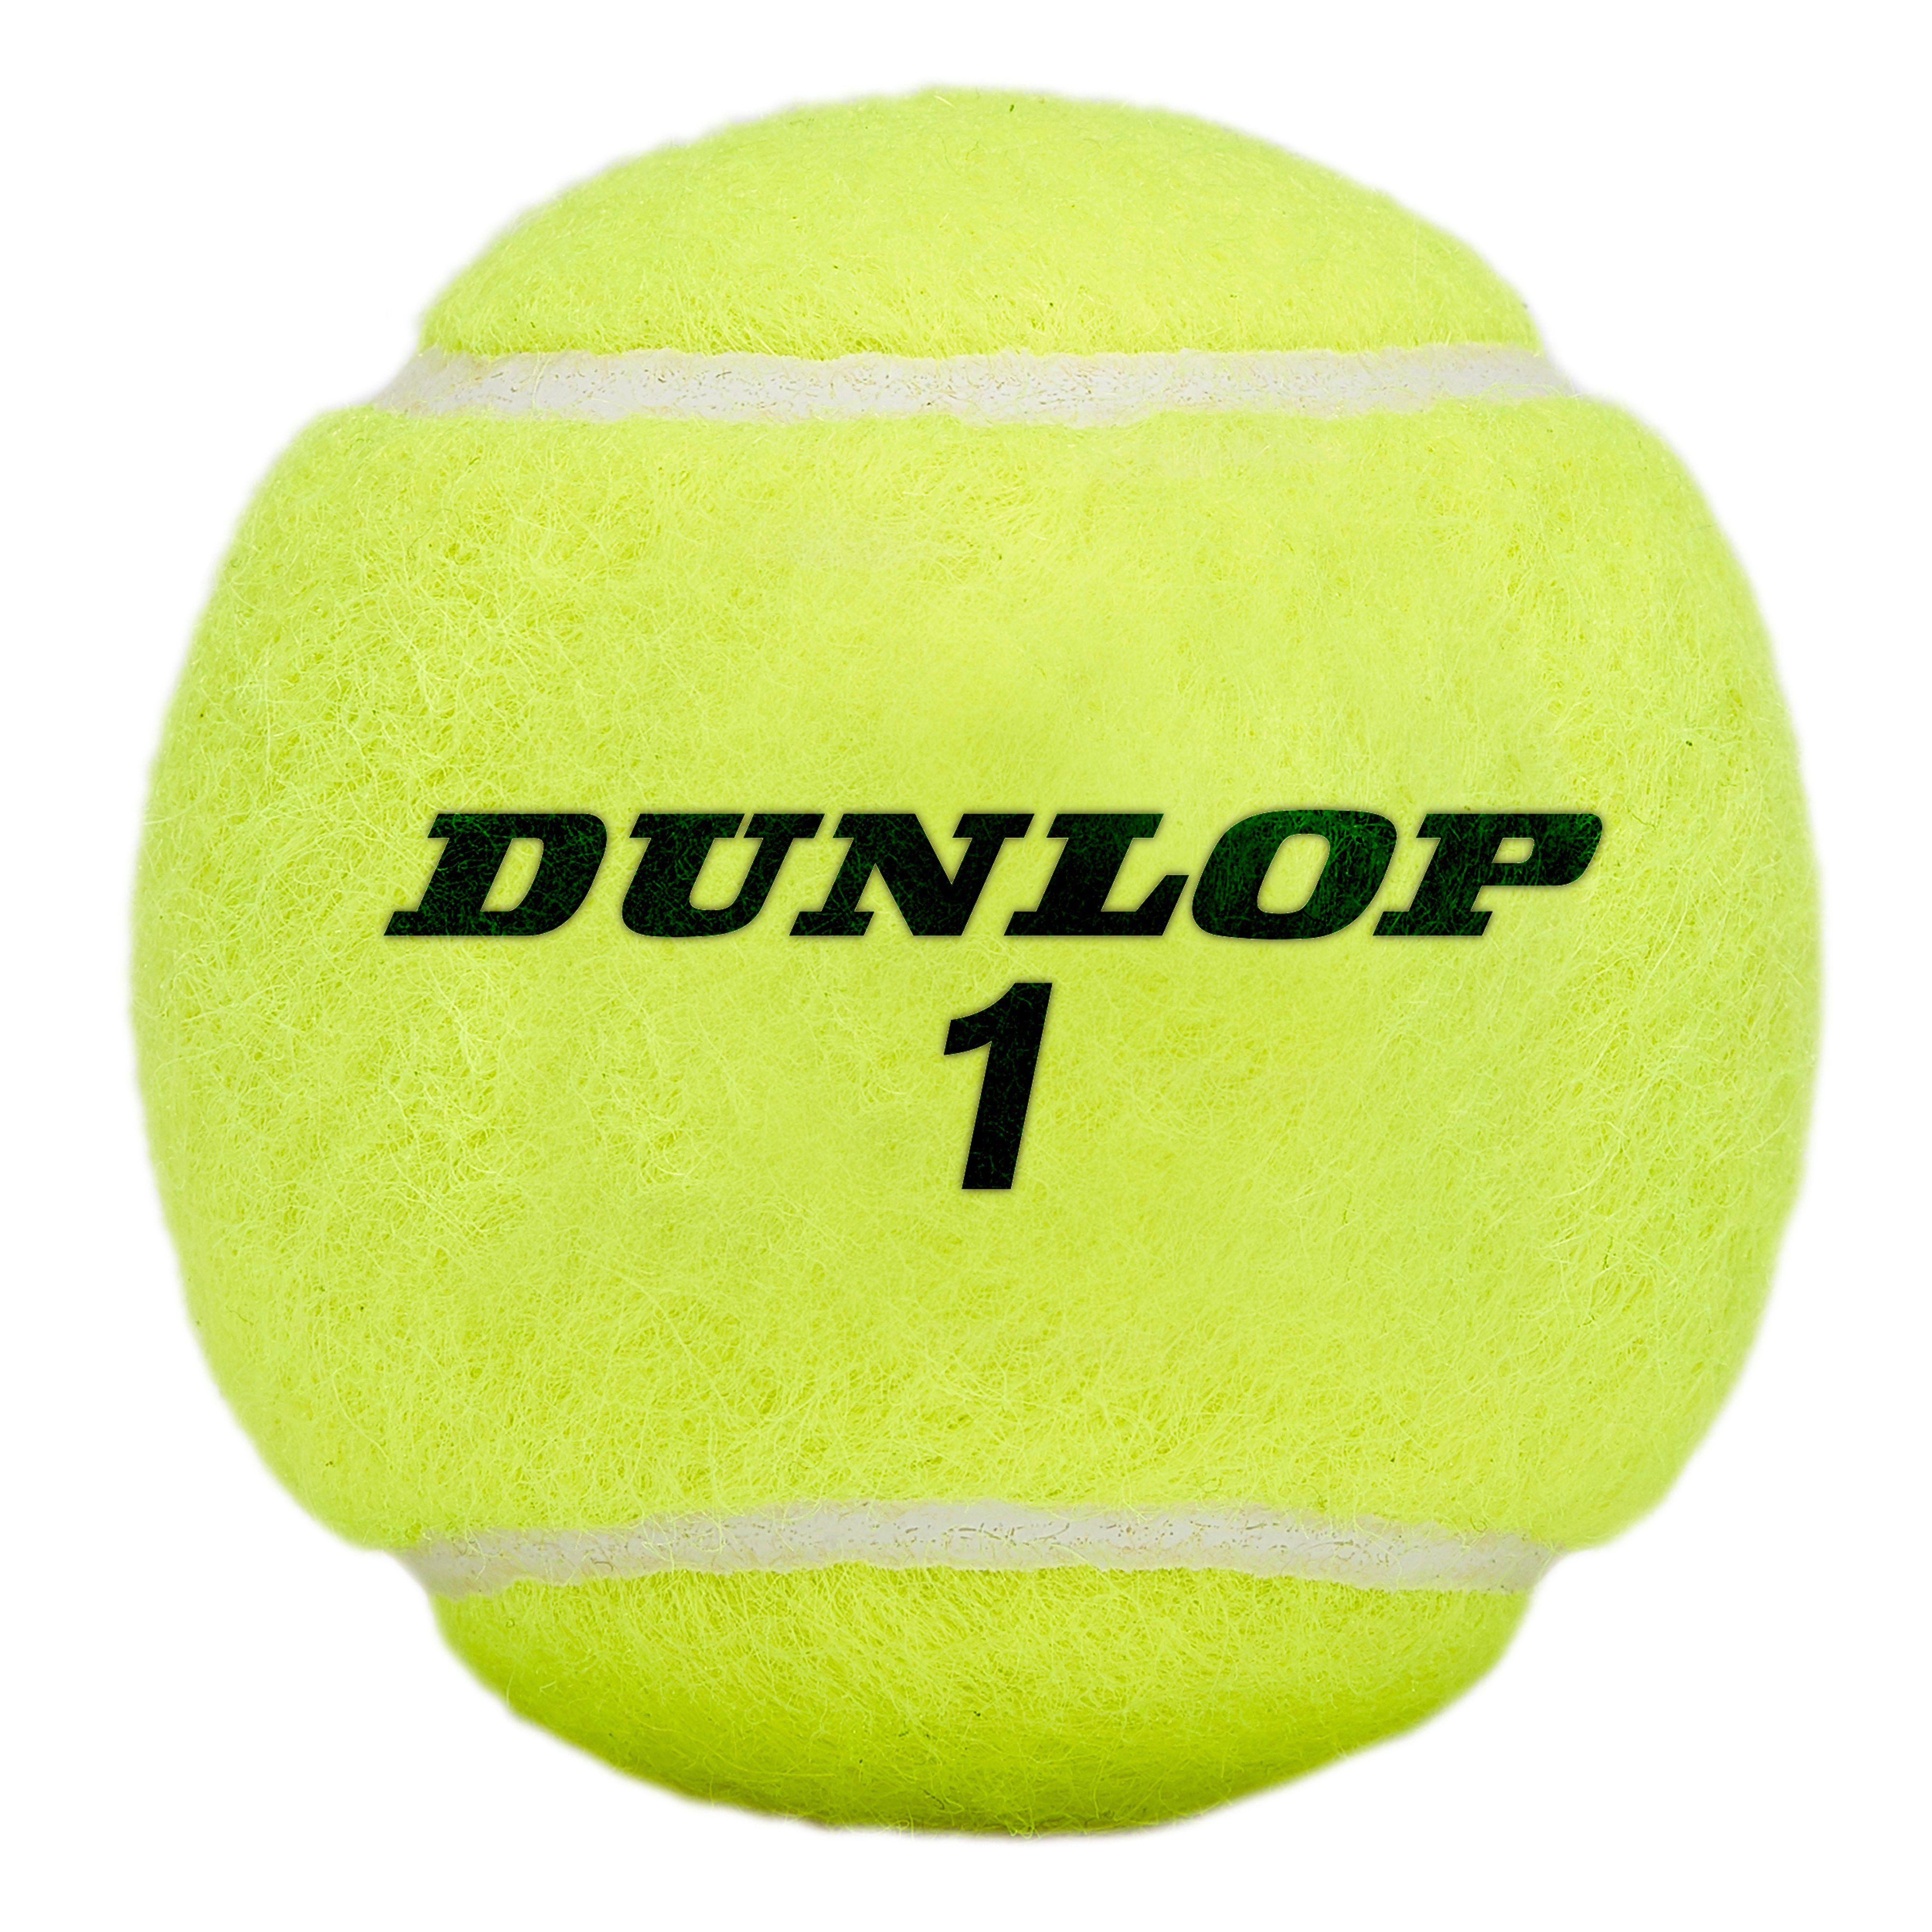 Dunlop Australian Open Tennis Balls (4 Ball Can)